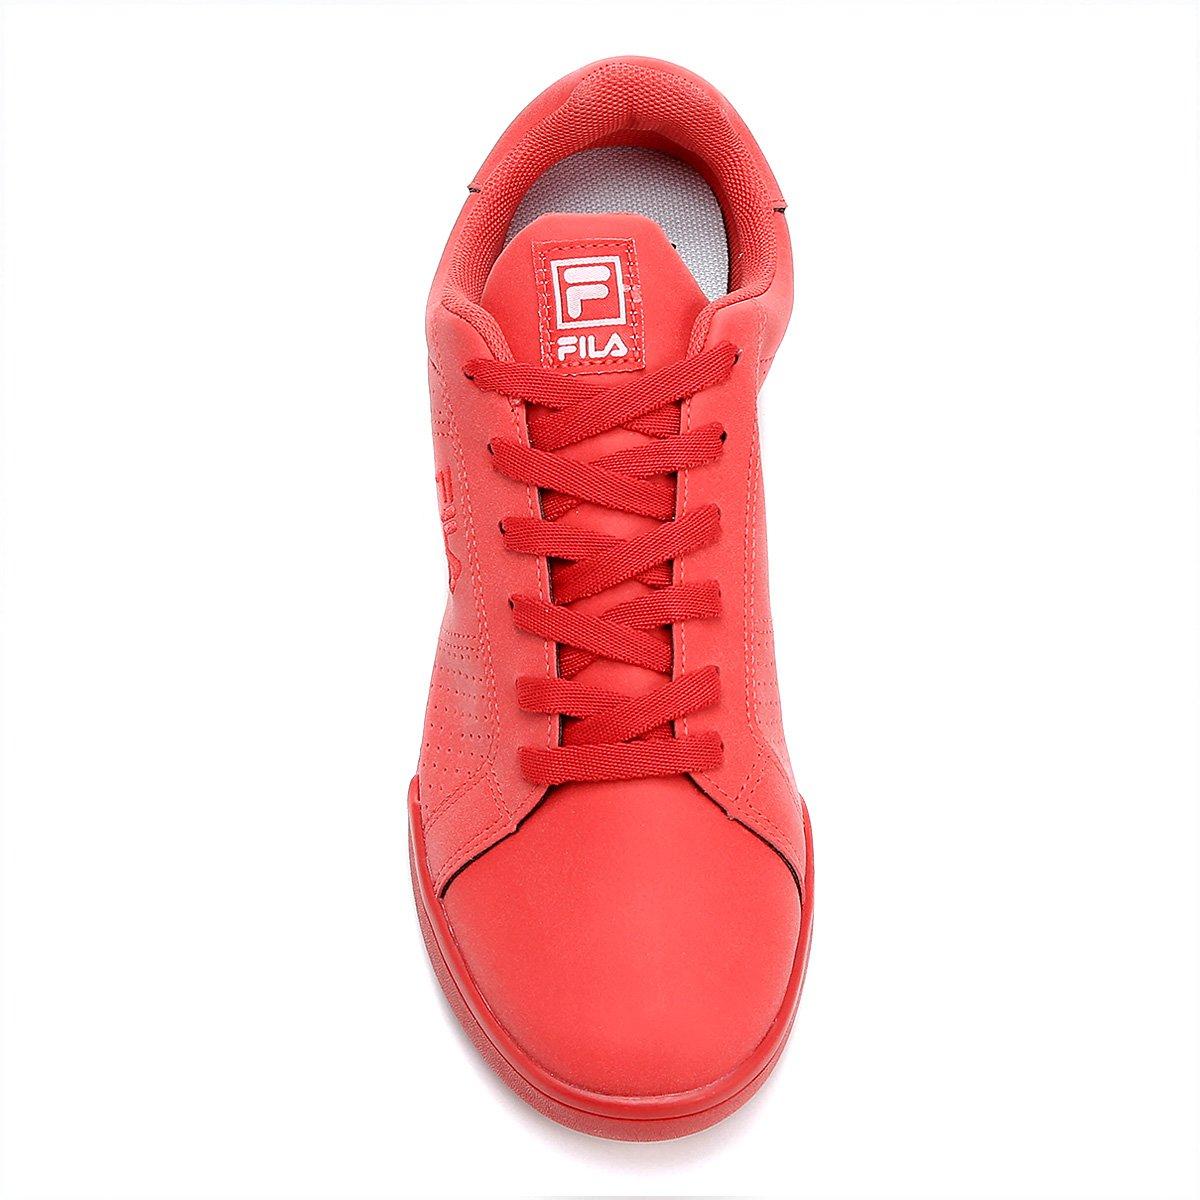 Vermelho Fila Tênis Tênis Fila Gs 89 qYEXHaE